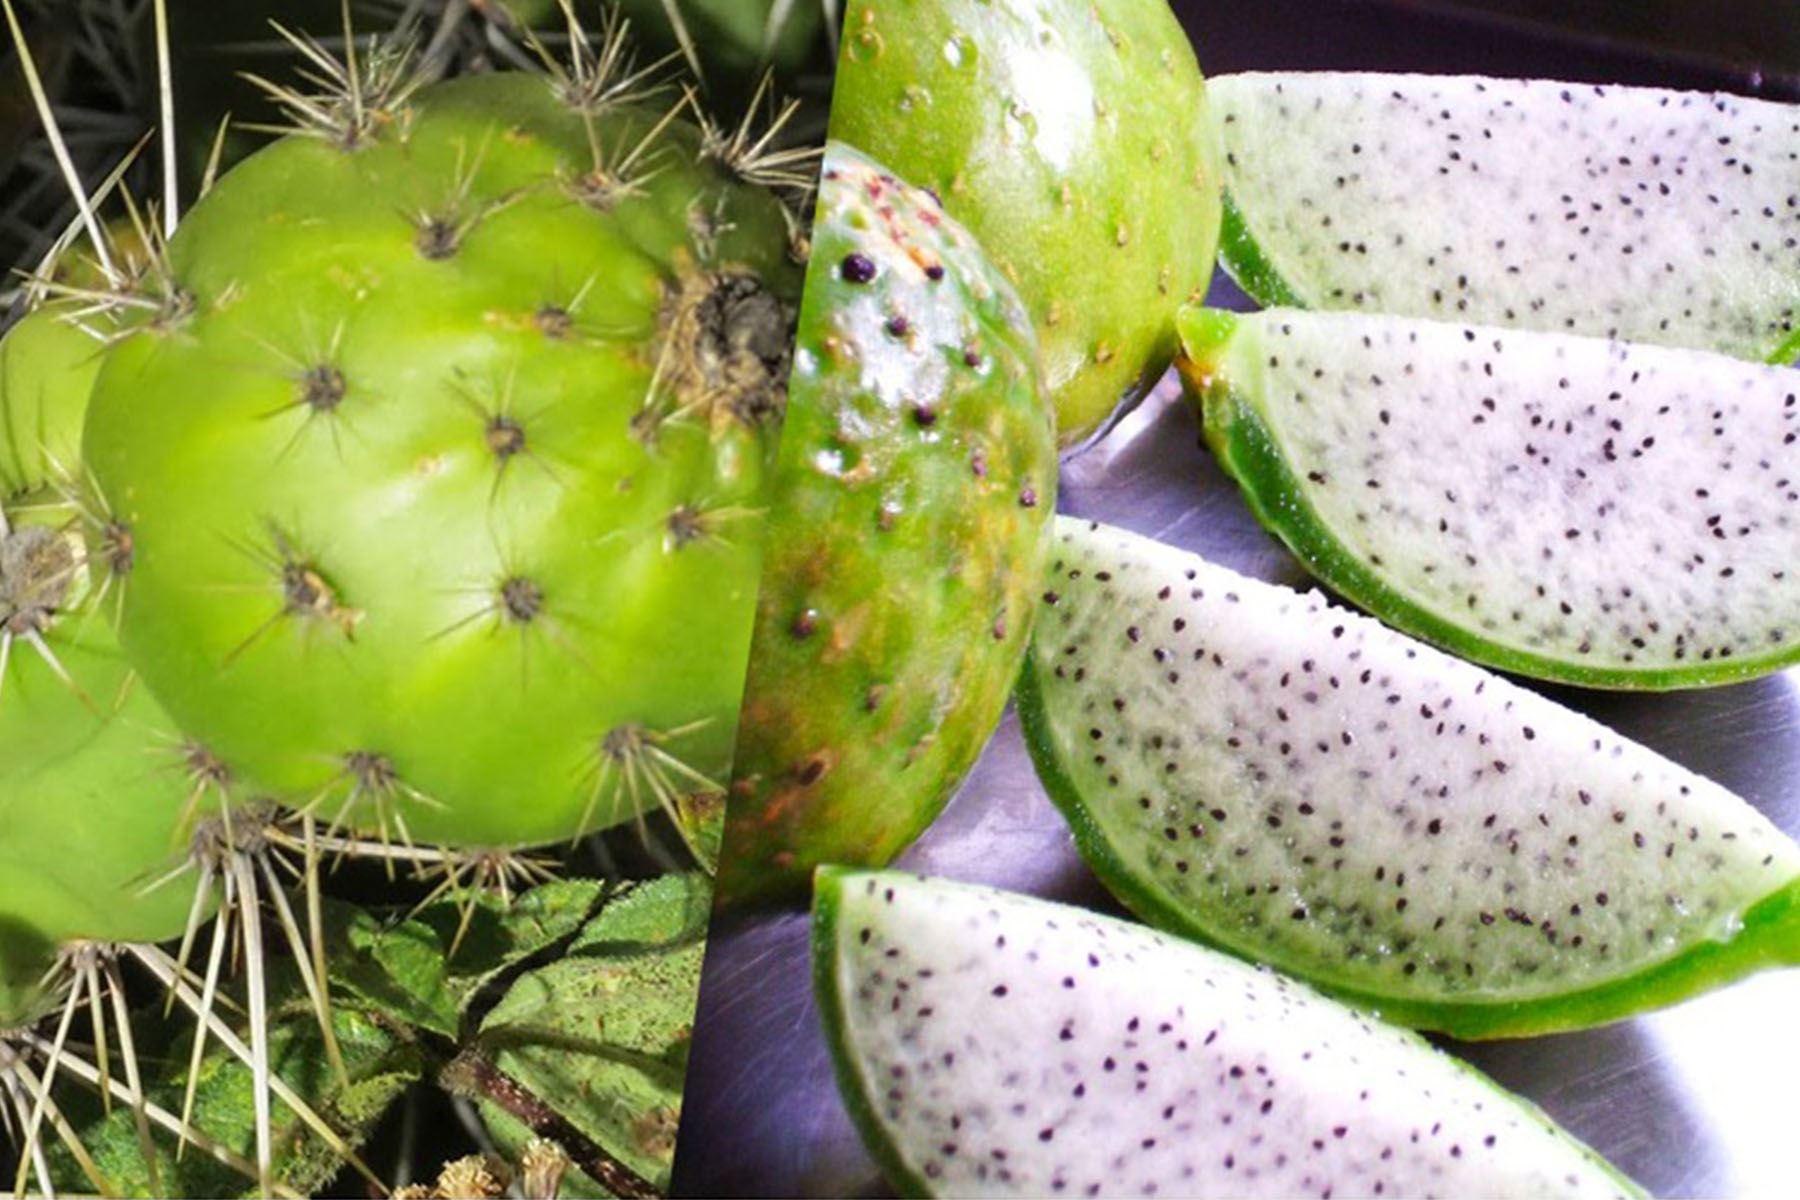 Sanky, el fruto andino rico en vitamina C y potasio que muy pocos conocen